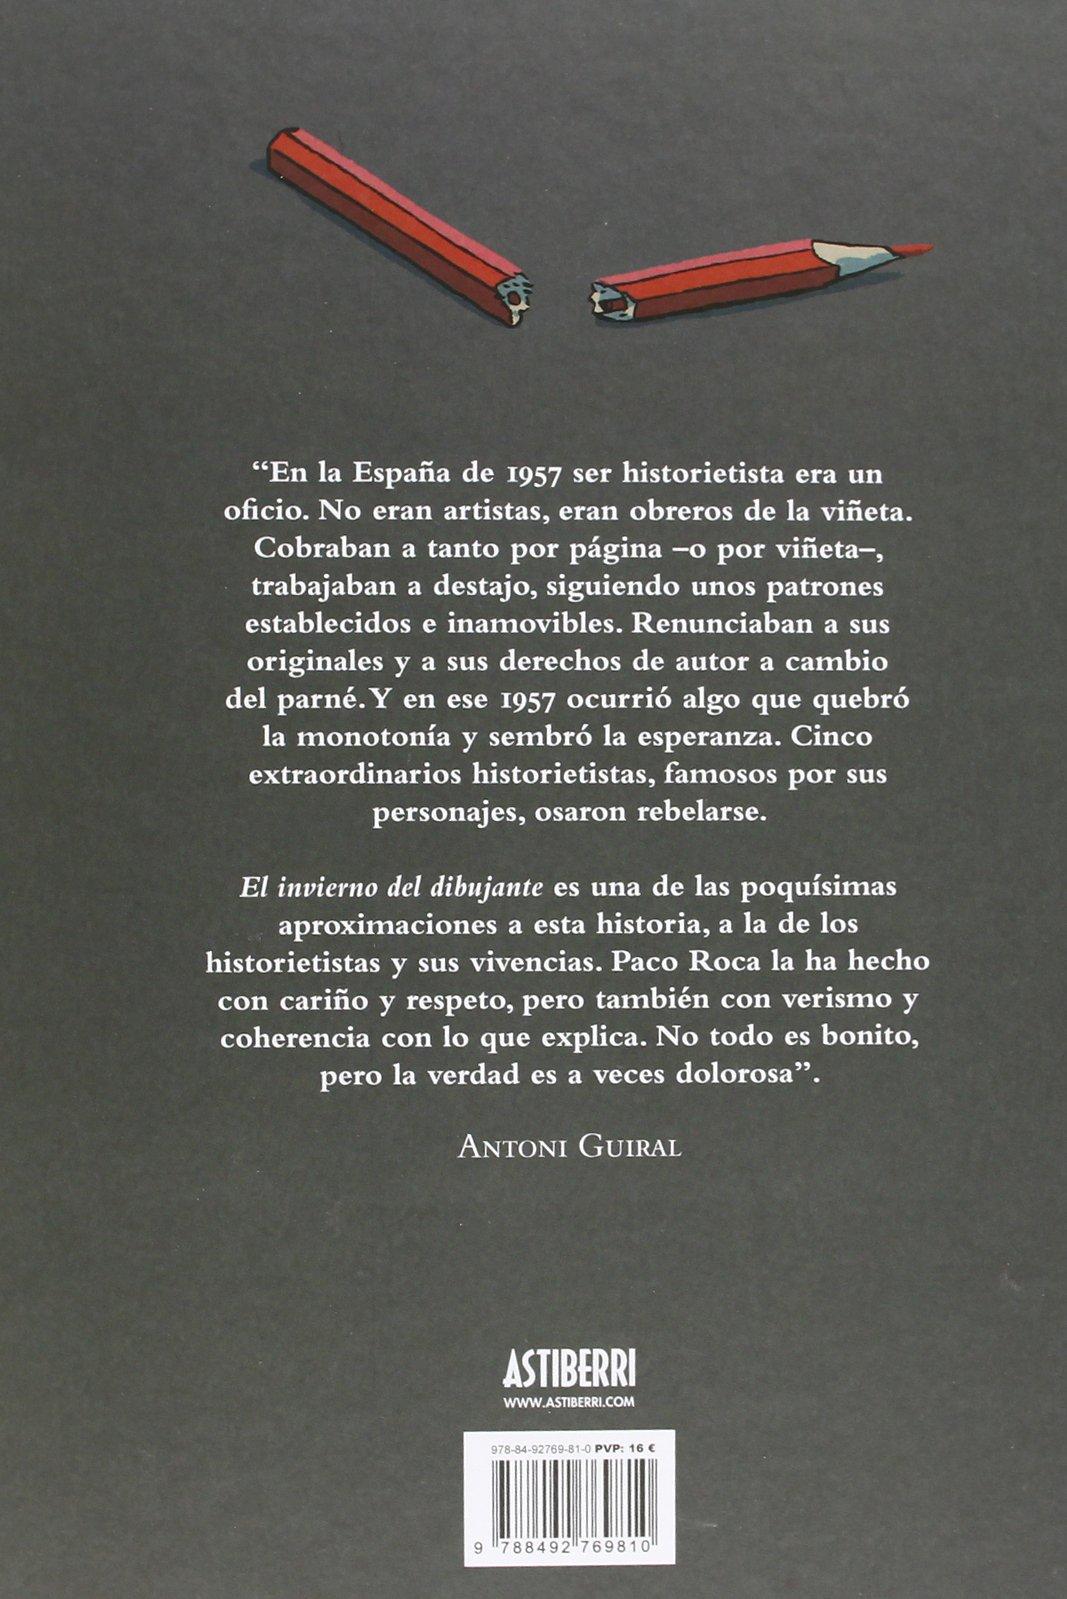 El invierno del dibujante: Paco Roca: 9788492769810: Amazon ...